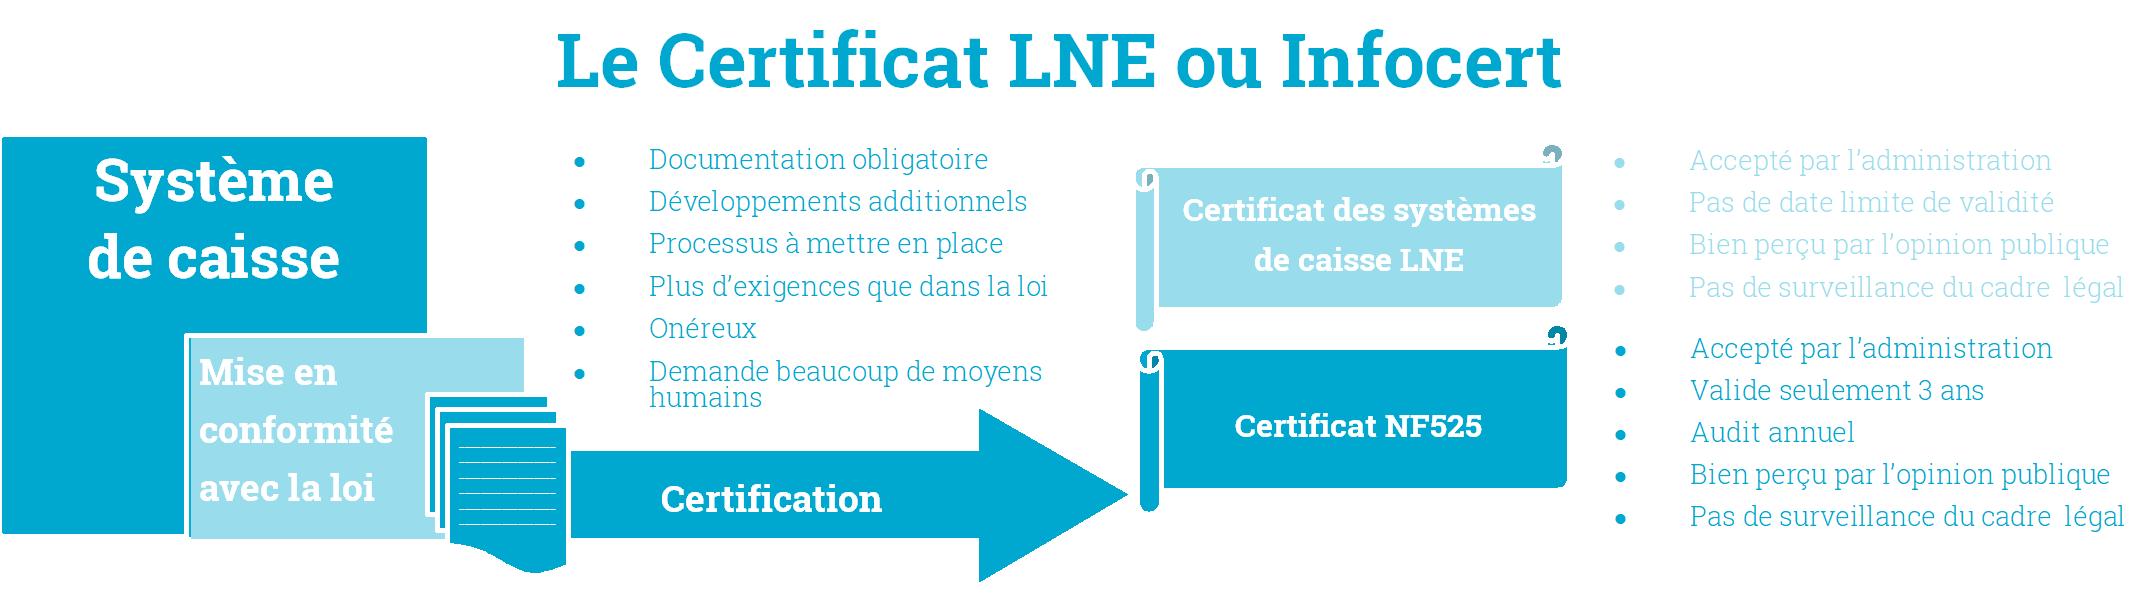 Auto-Attestation ou Certification : Que choisir ? Certification avec LNE ou Infocert